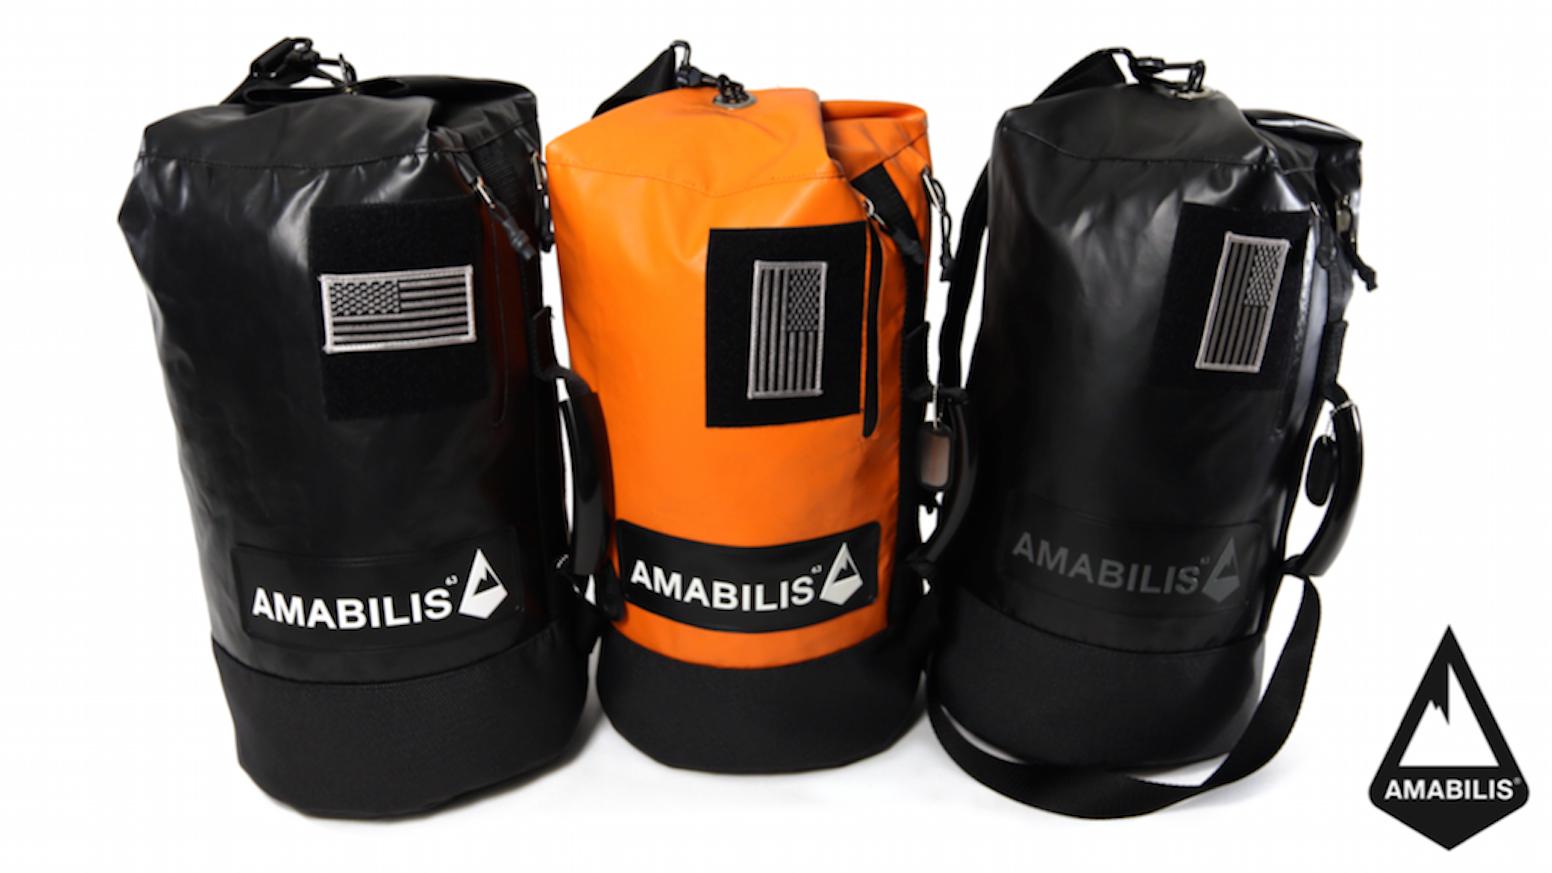 d183e5d09bf07b World s Toughest EDC Duffel Bag  Lifetime Warranty by AMABILIS ...